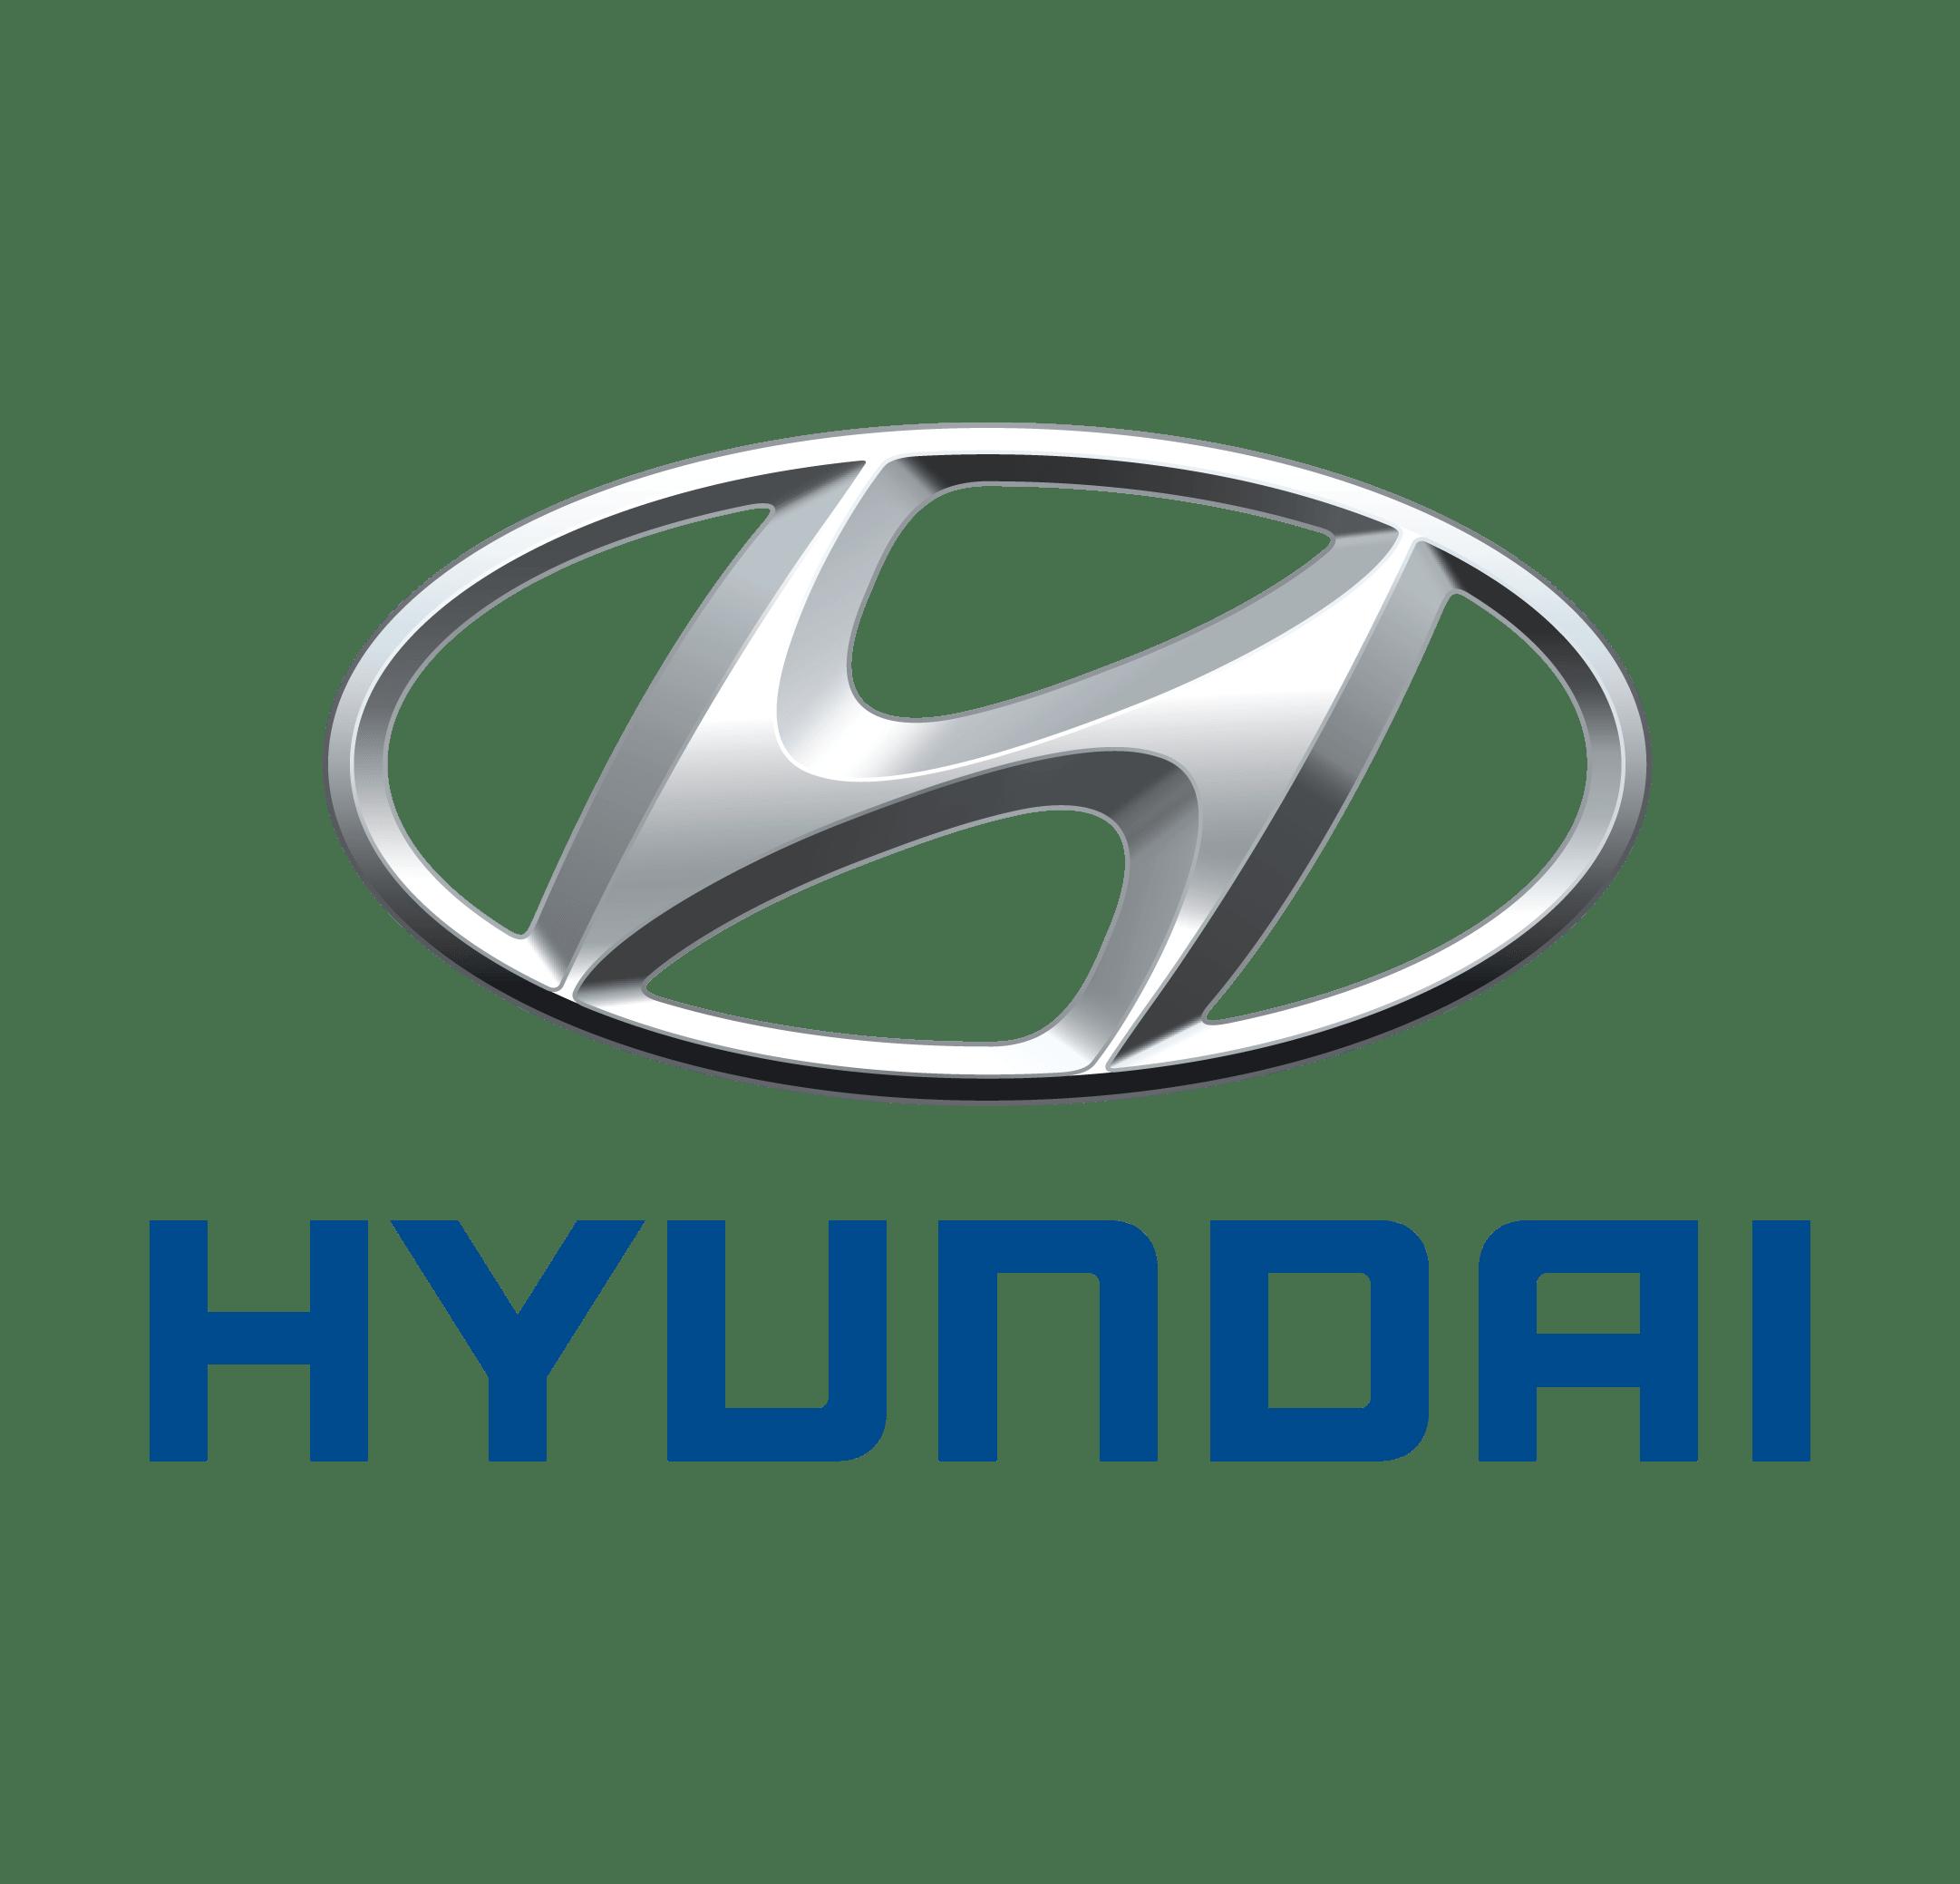 HYUNDAI-min.png